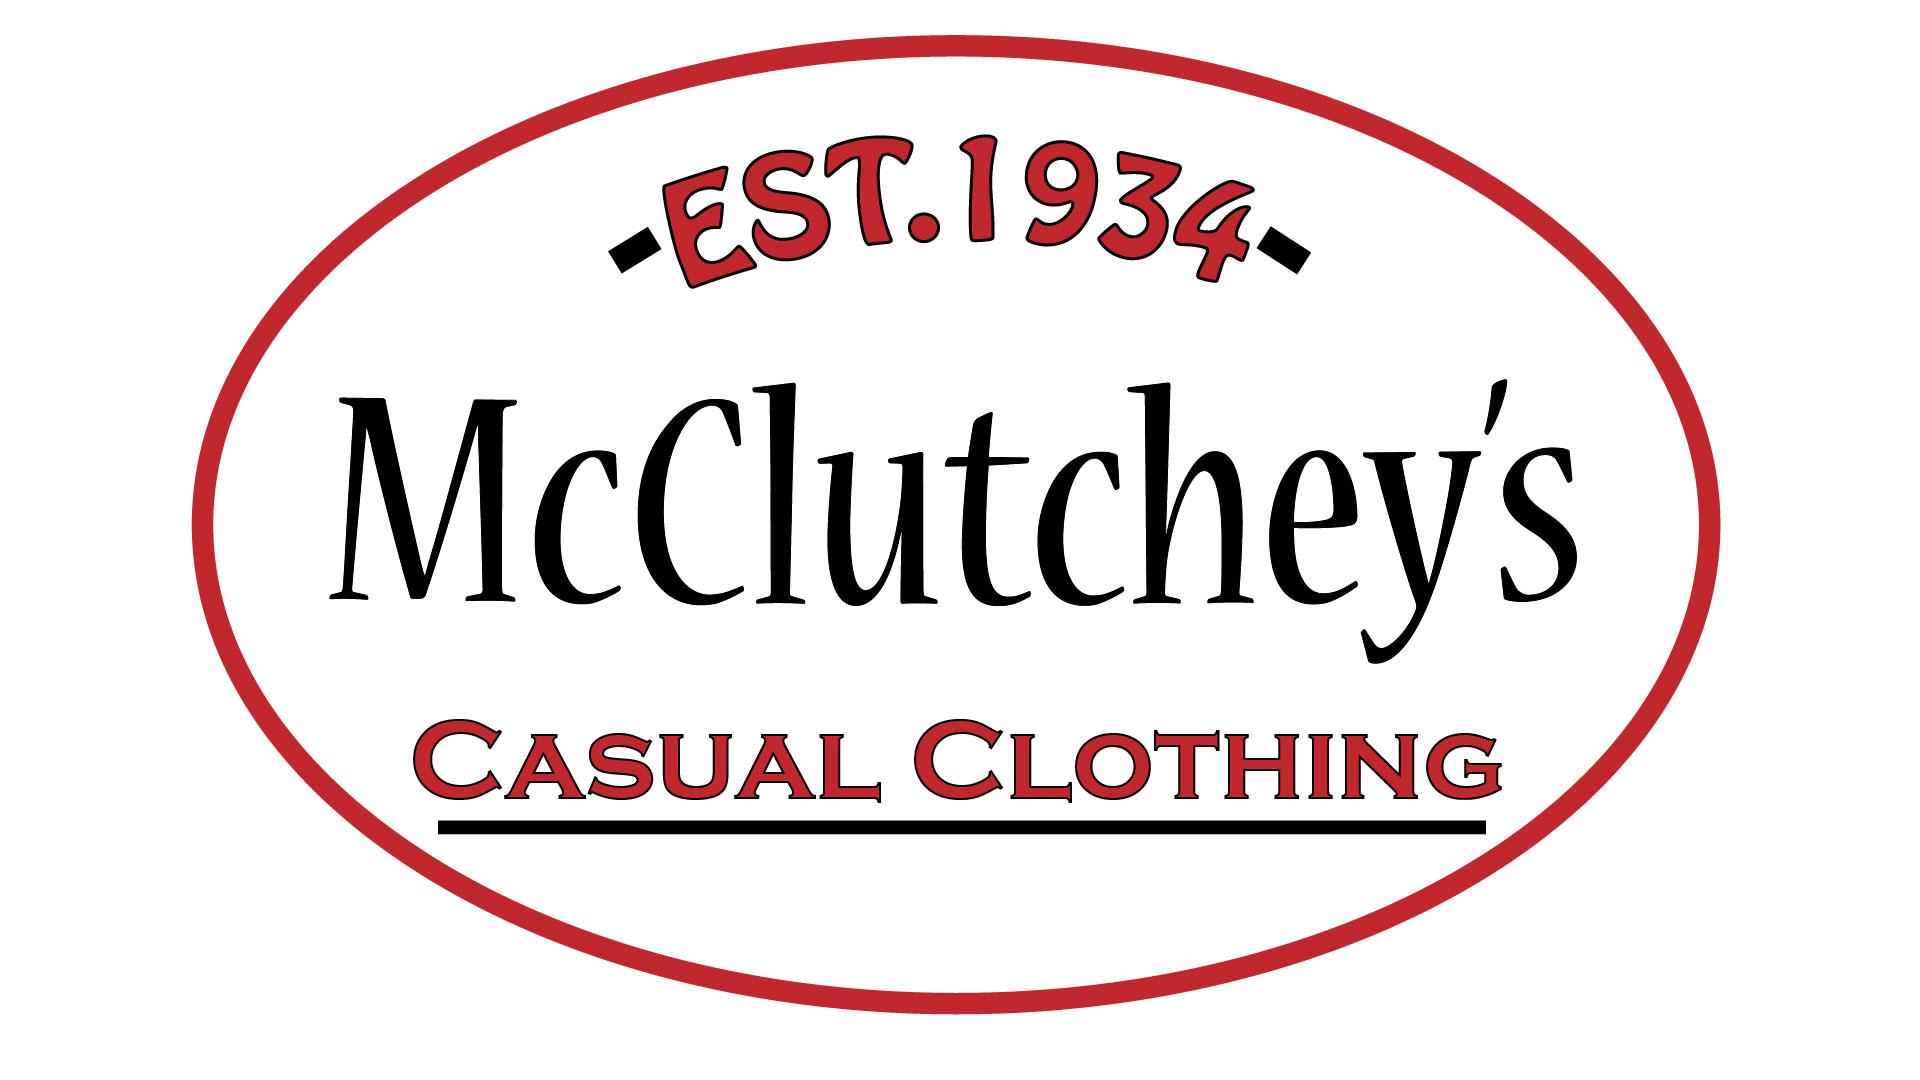 McClutchey's